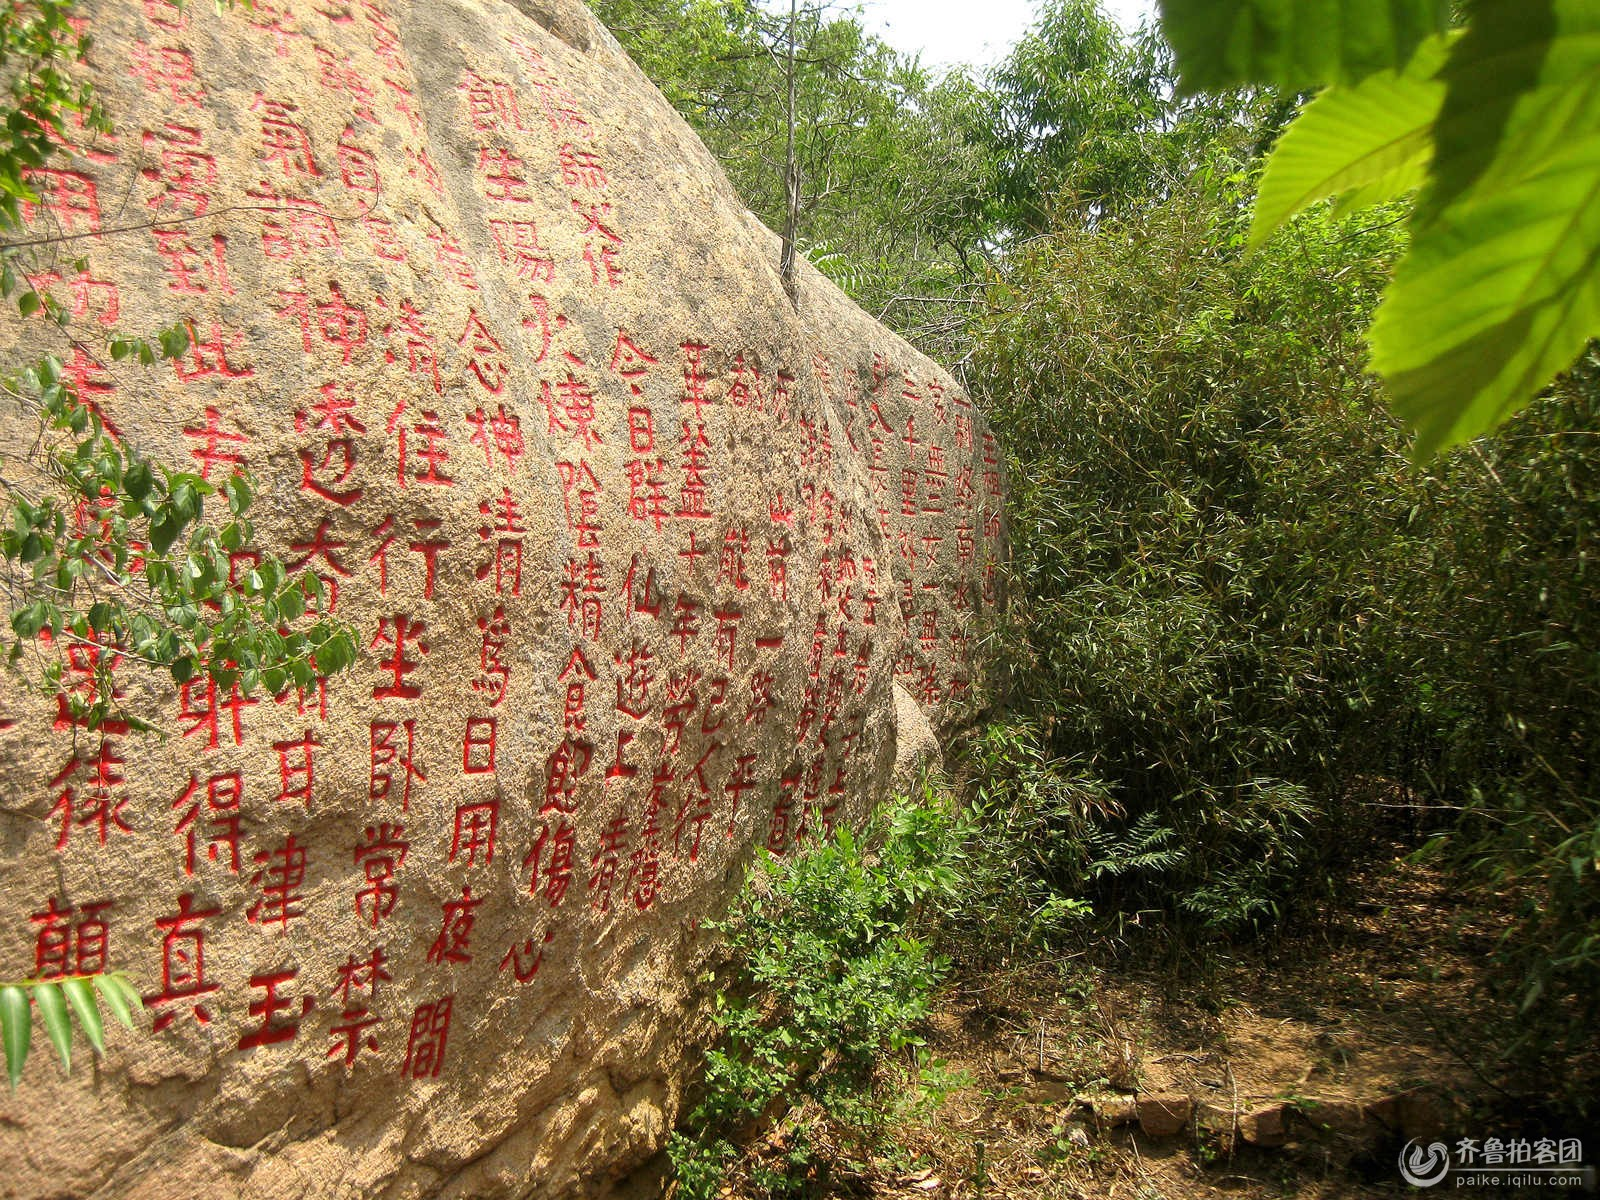 崂山花楼游览区山石景观(40幅) 摄影 瞩远 - 青岛拍客